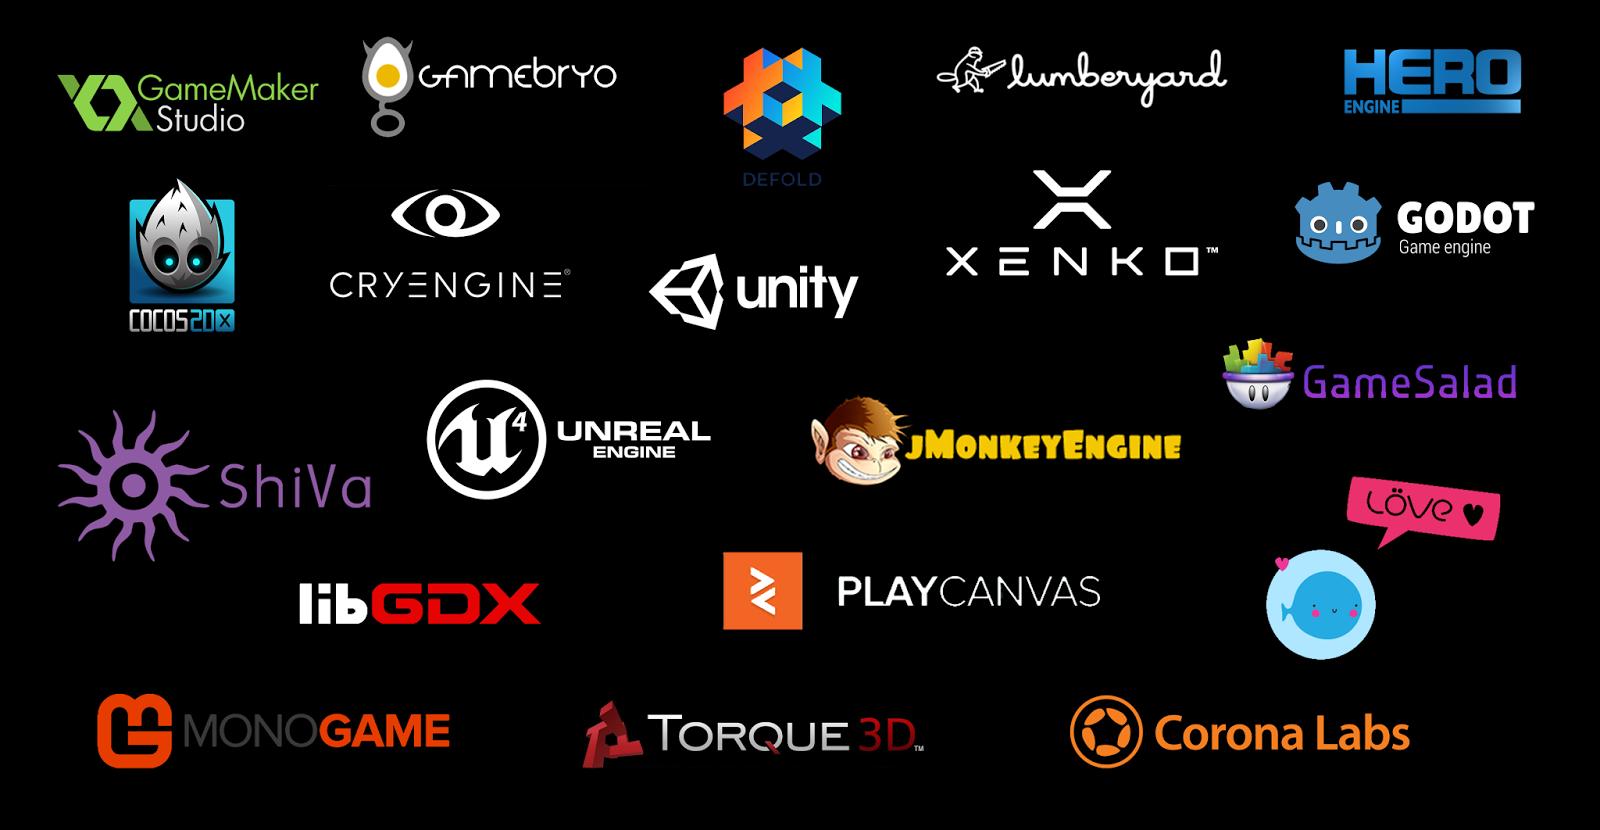 10 Criteria for Adopting a Game Engine